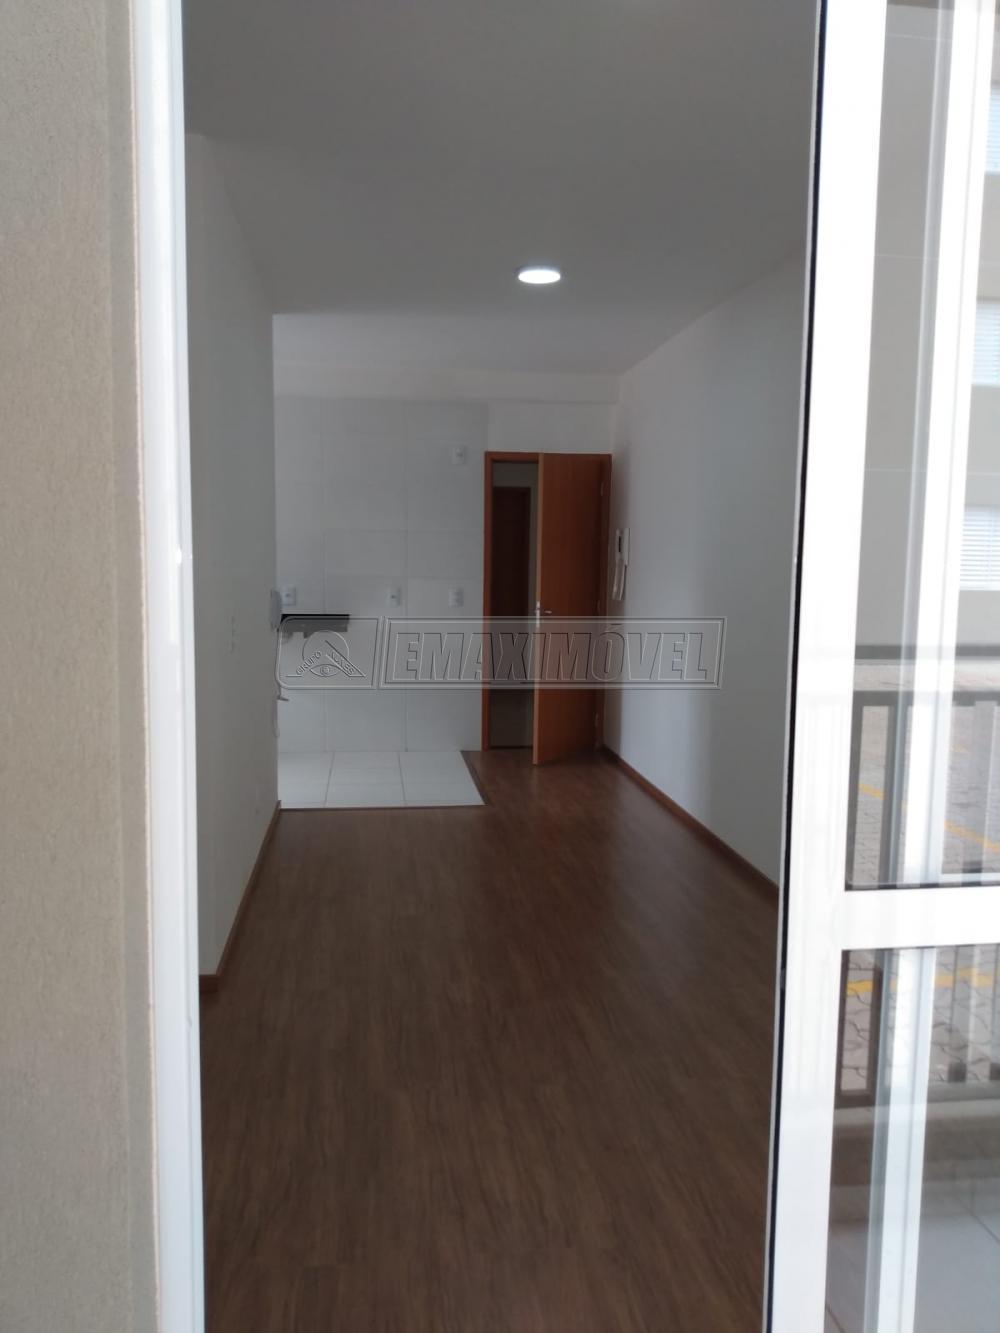 Comprar Apartamento / Padrão em Sorocaba R$ 235.000,00 - Foto 5